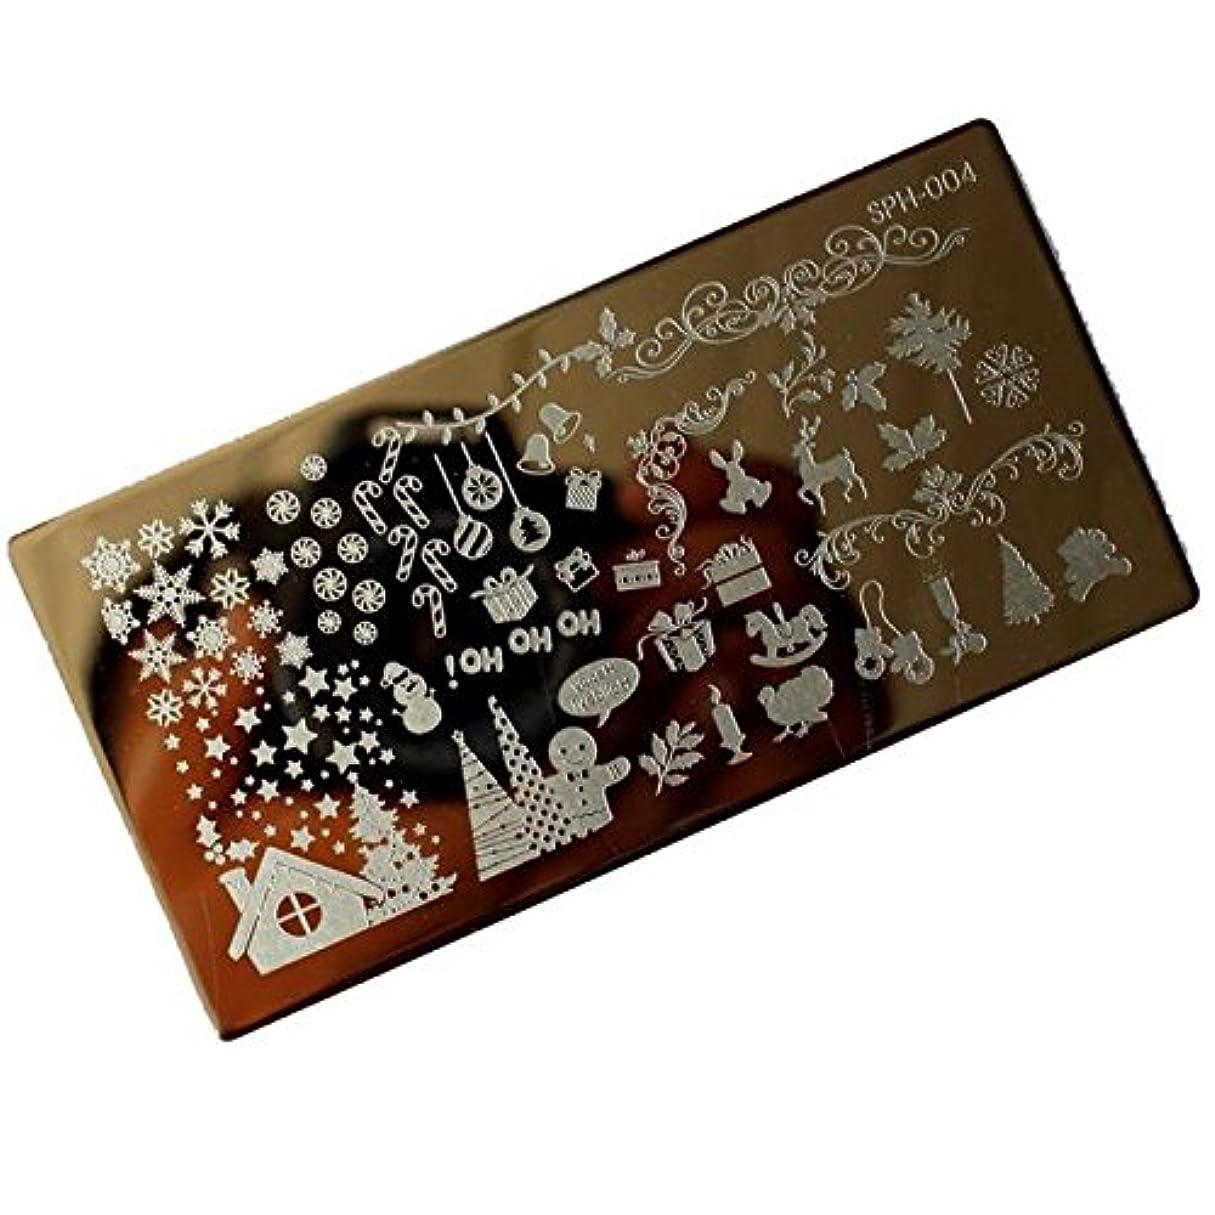 愛人終了しました復活[ルテンズ] スタンピングプレートセット 花柄 クリスマス ネイルプレート ネイルアートツール ネイルプレート ネイルスタンパー ネイルスタンプ スタンプネイル ネイルデザイン用品